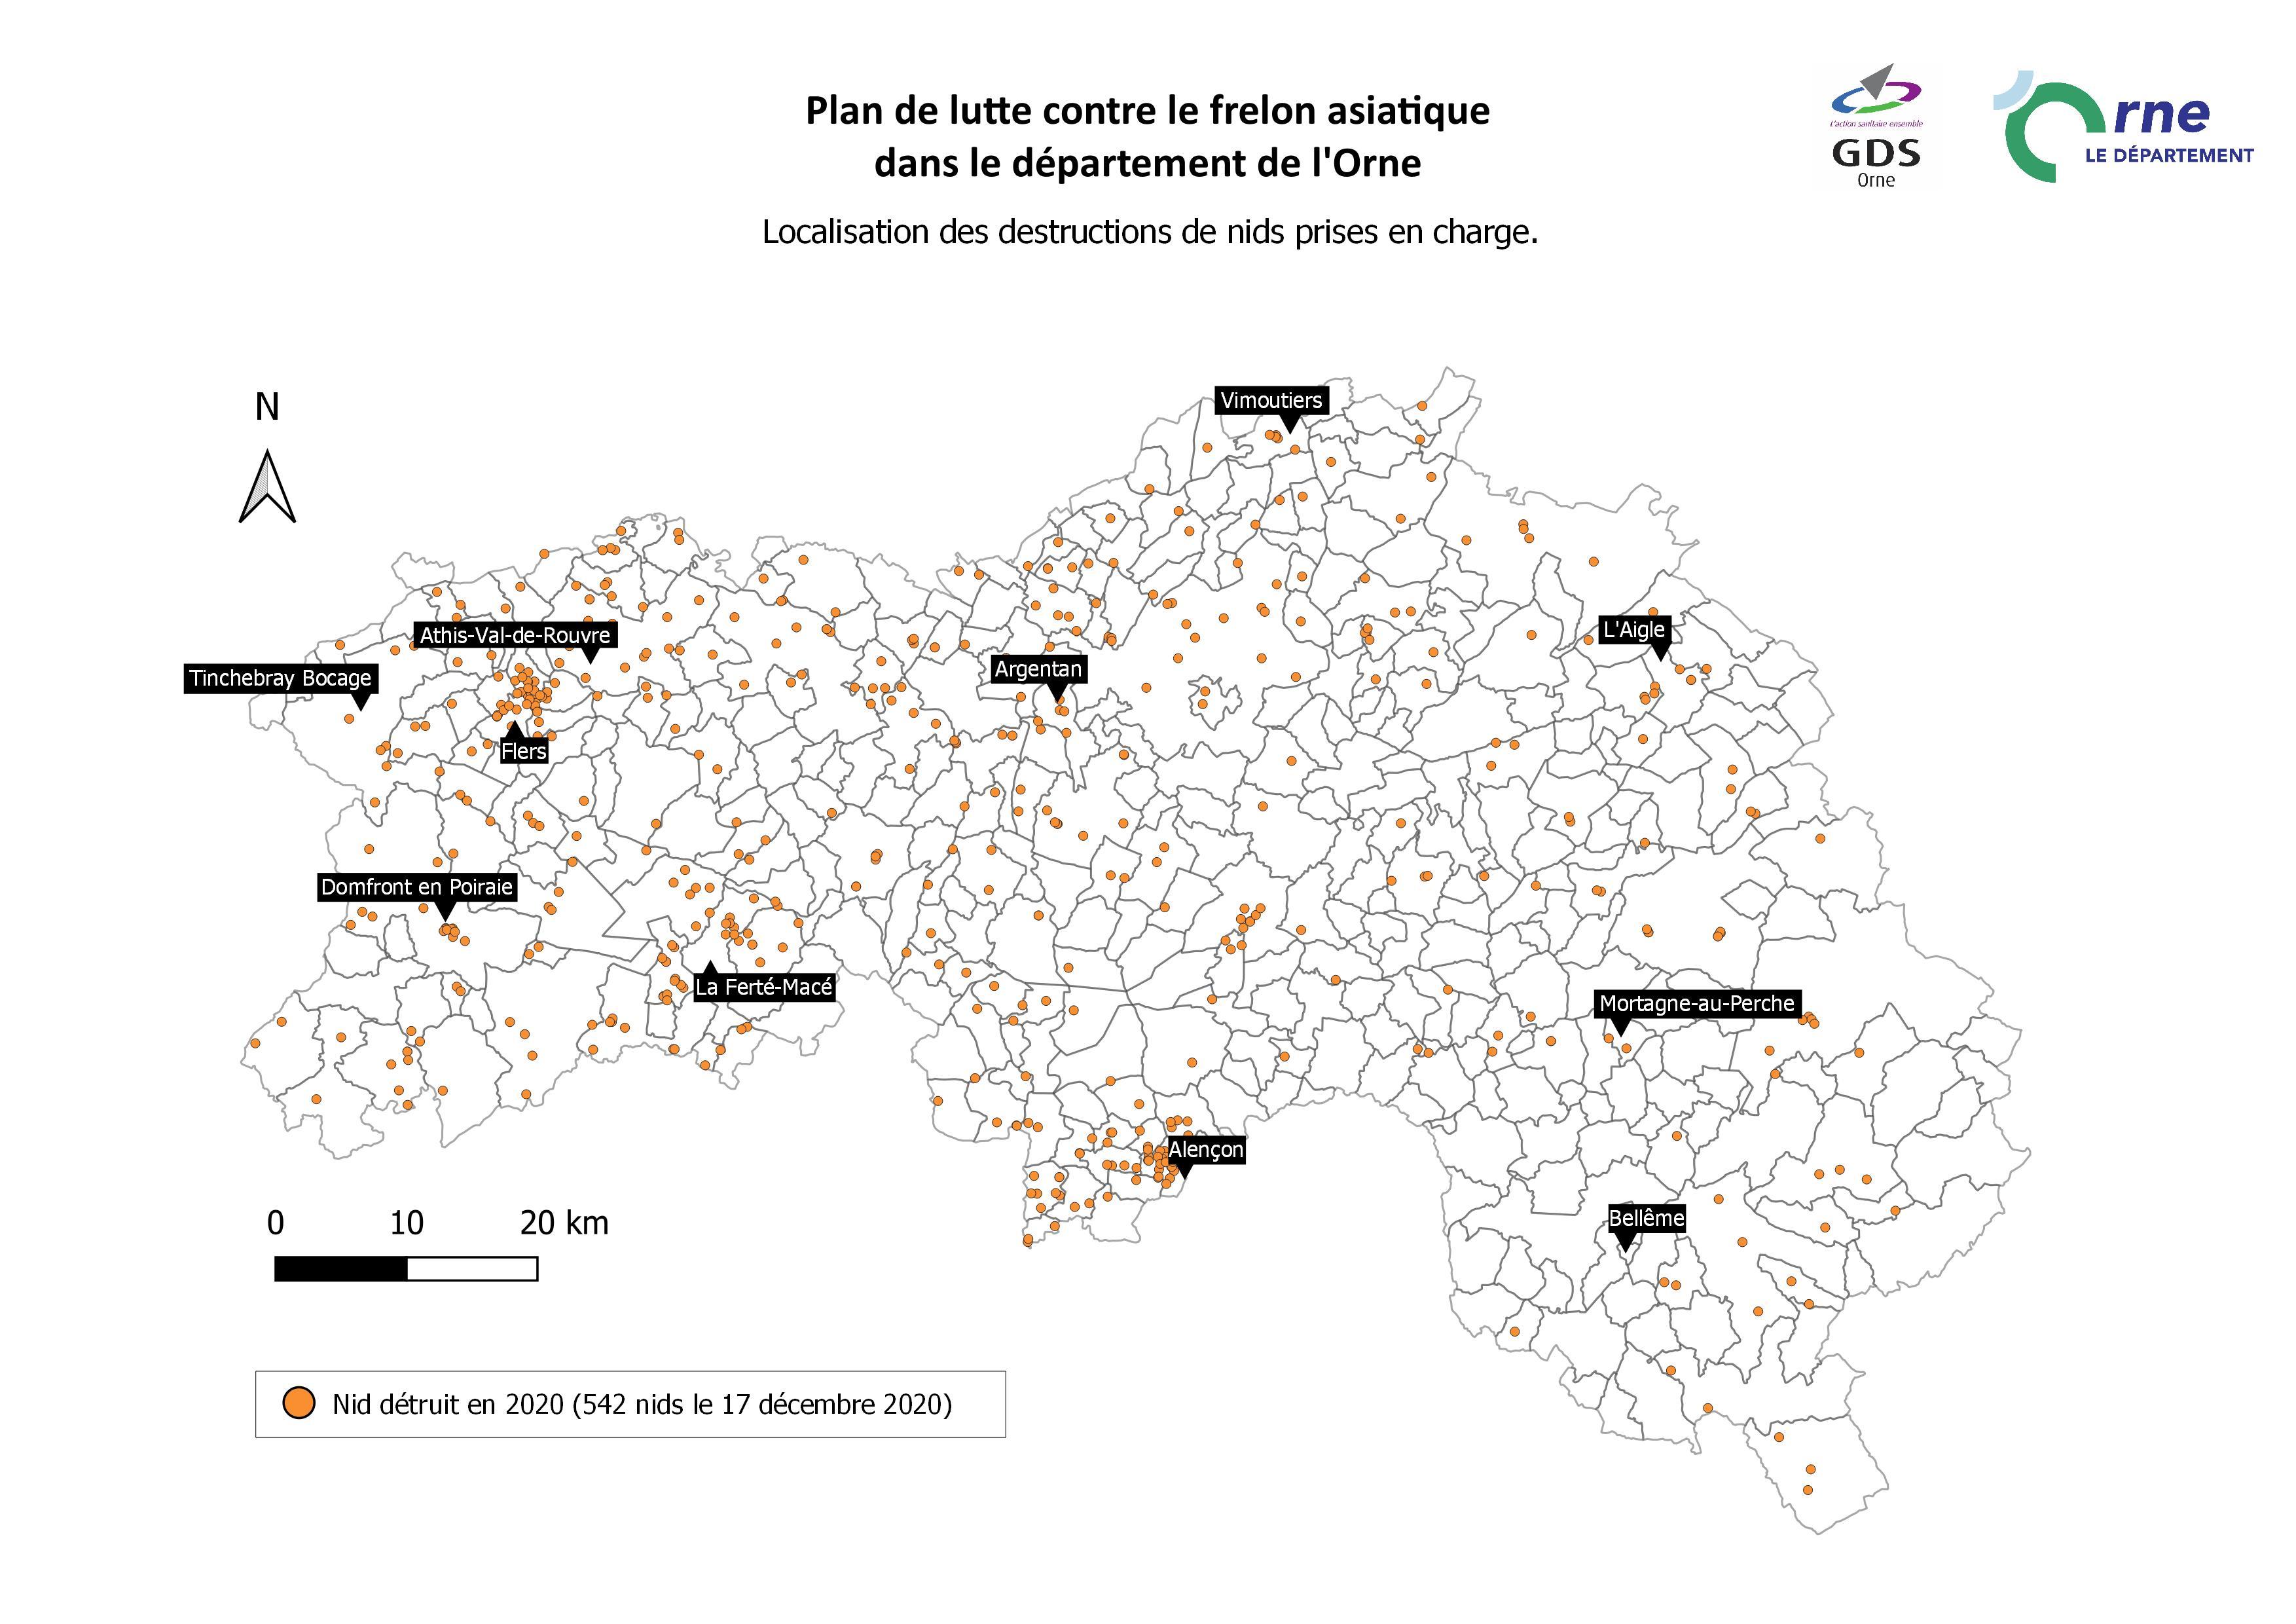 Carte de répartition des destructions de nids de frelons asiatiques dans l'Orne en 2020